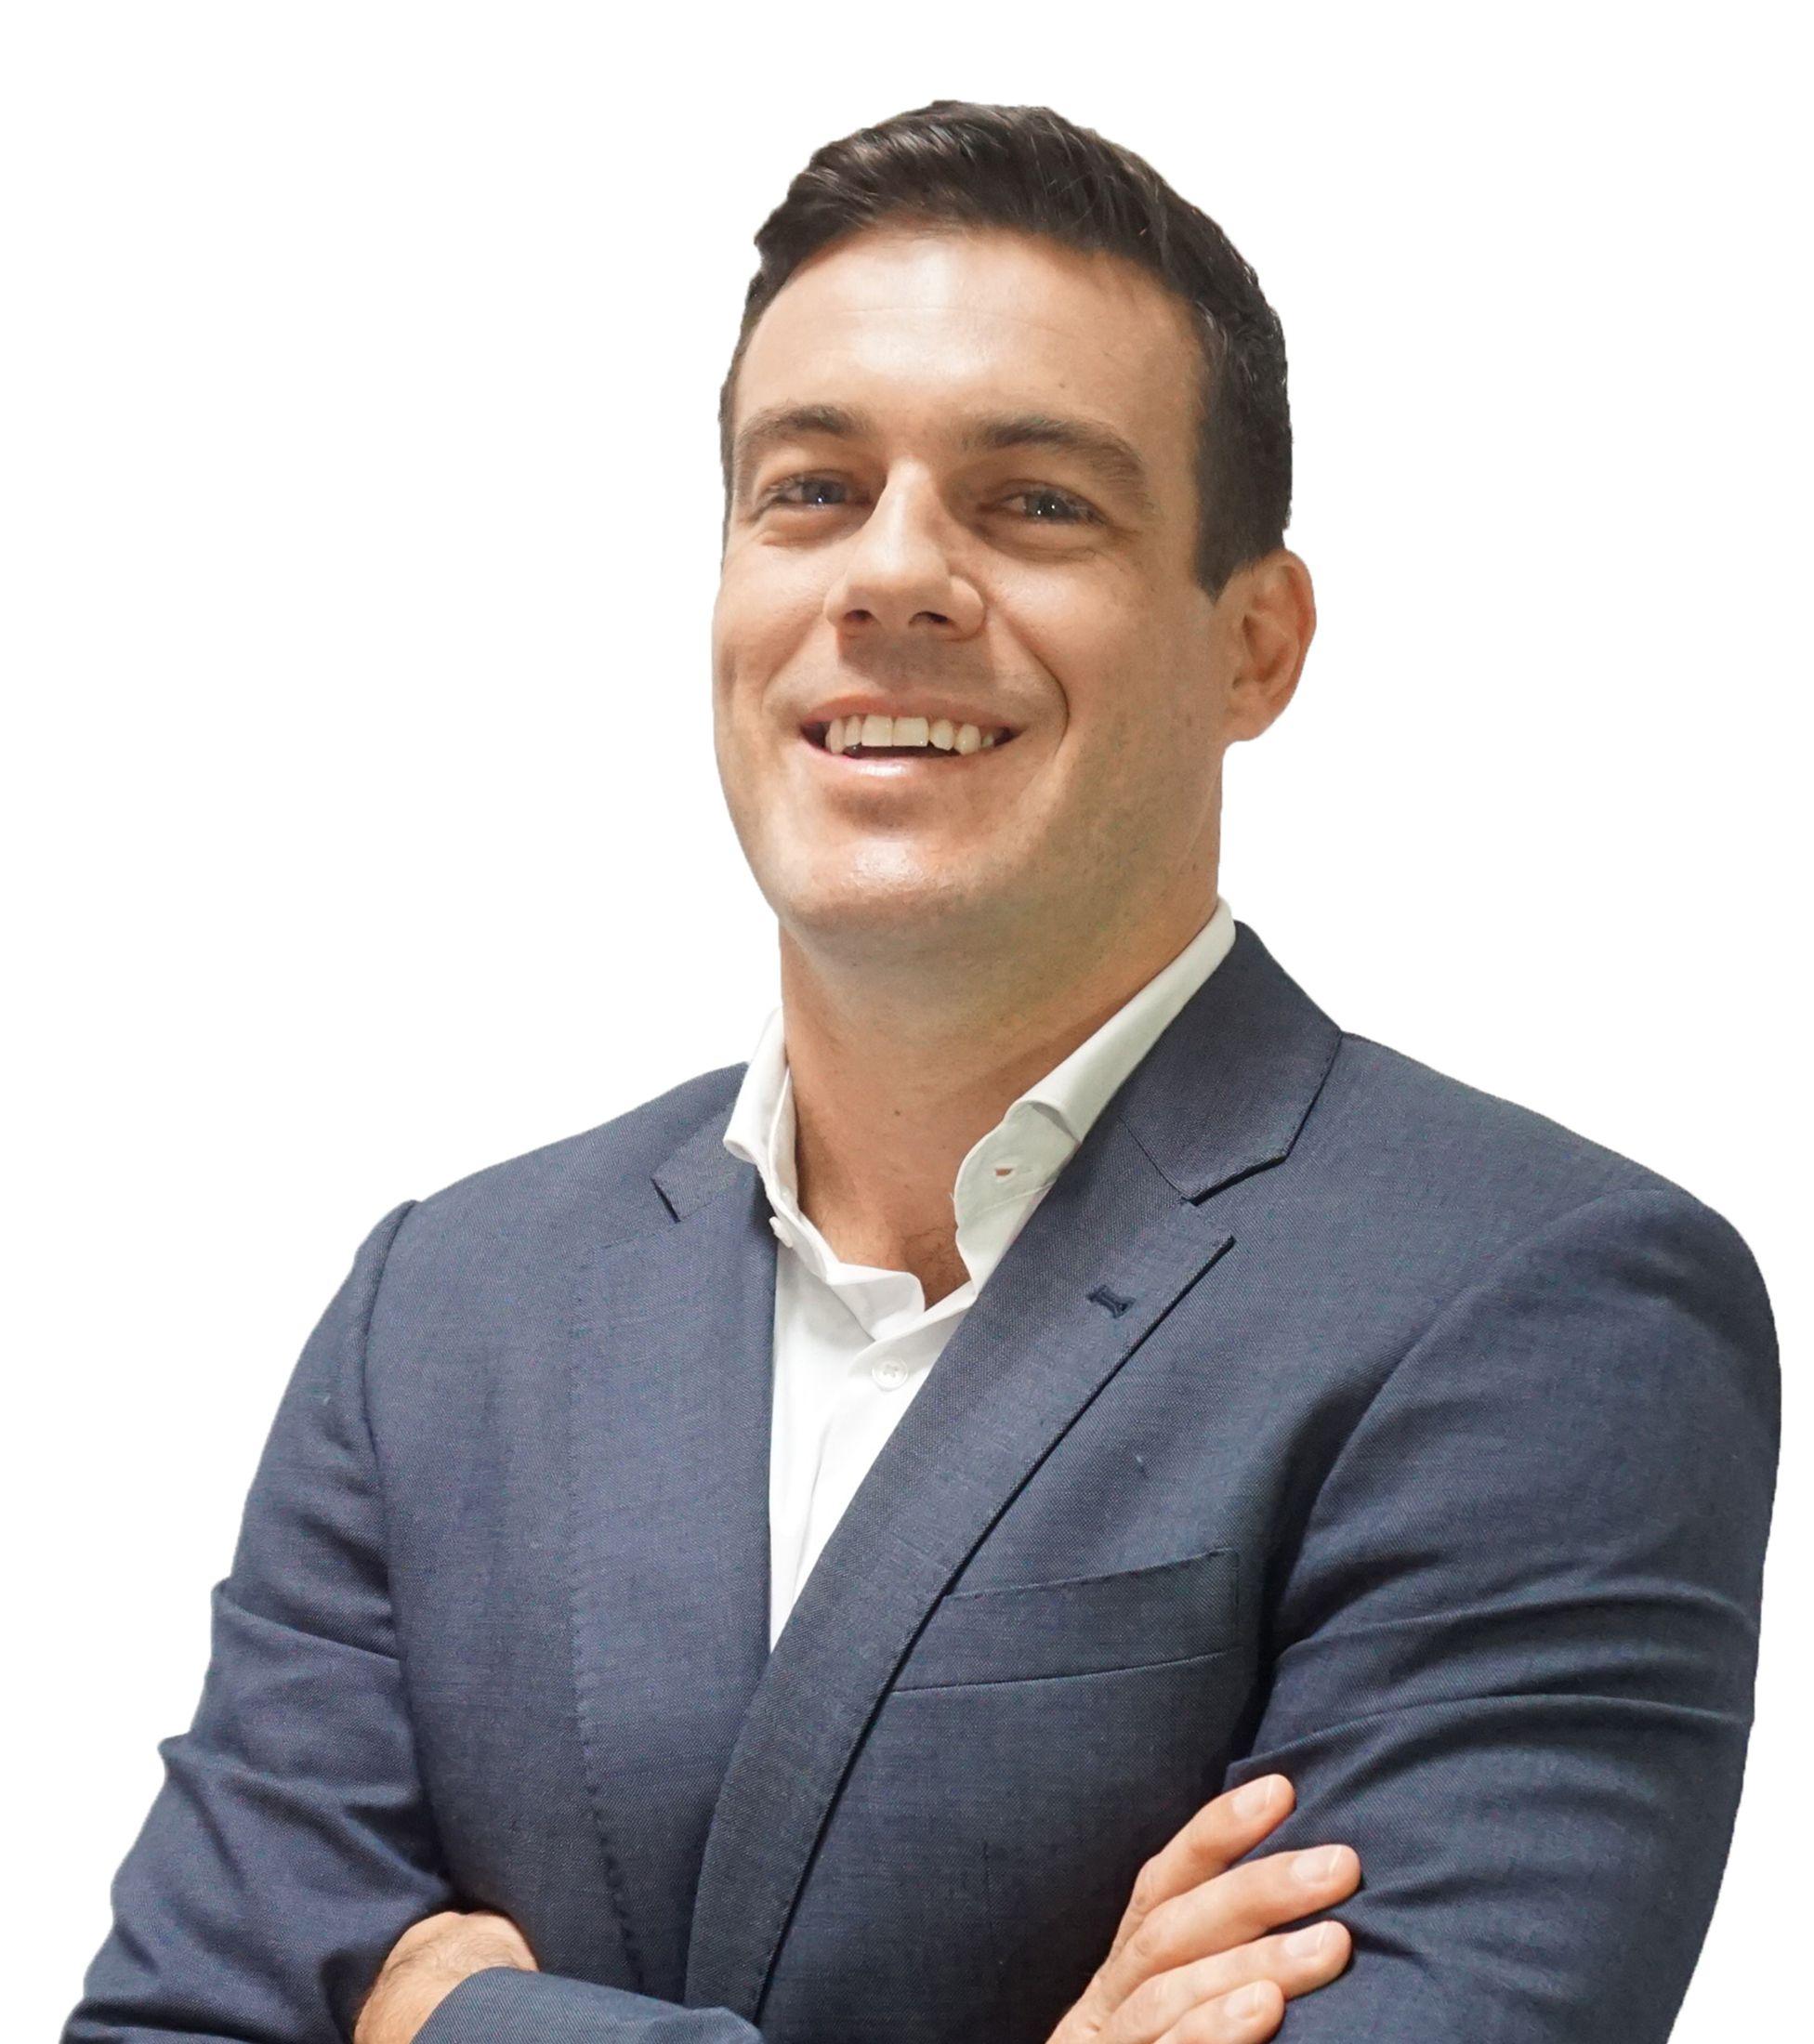 David Joseph O'Neill